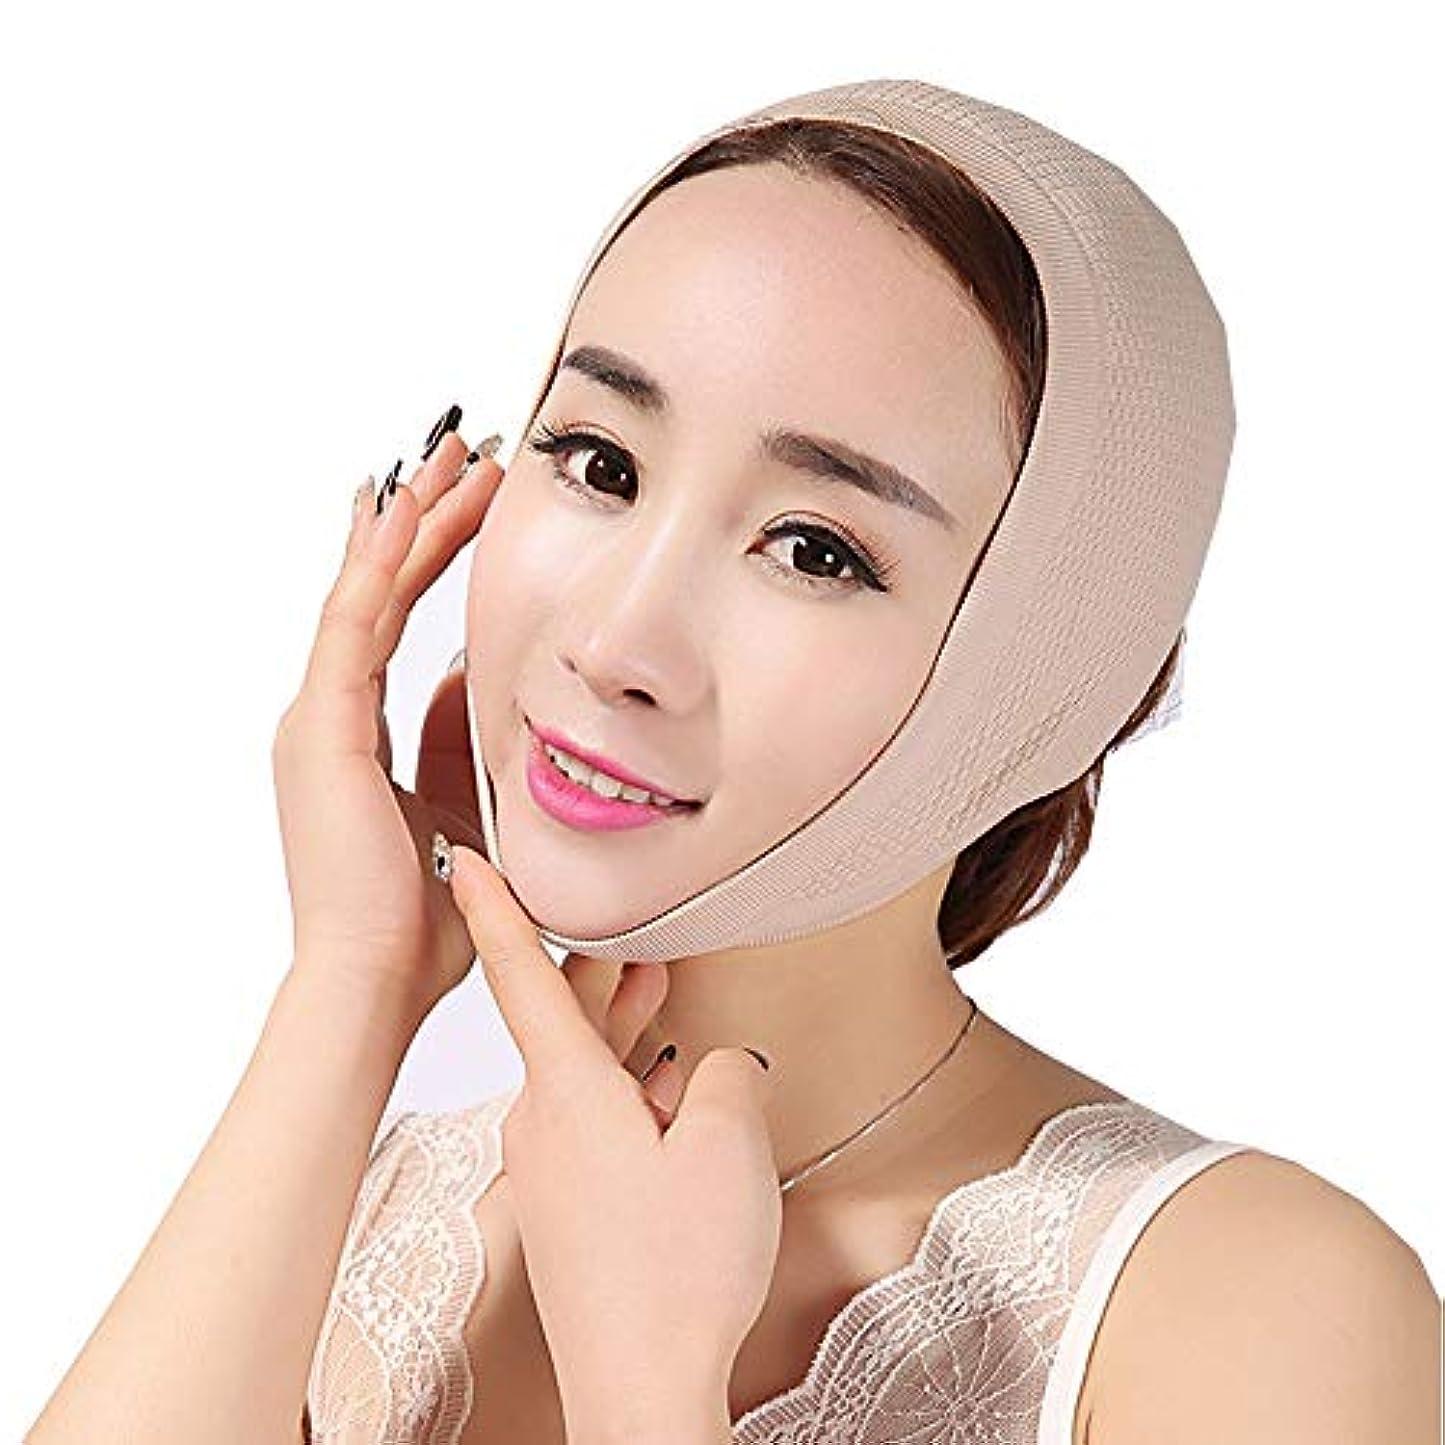 パンサー残高作物GYZ フェイスマスクで眠る薄い顔フェイスリフトフェイスリフトアーティファクトスモールフェイスVフェイスリフト付きフェイスフェイス包帯引き上げジョーセット Thin Face Belt